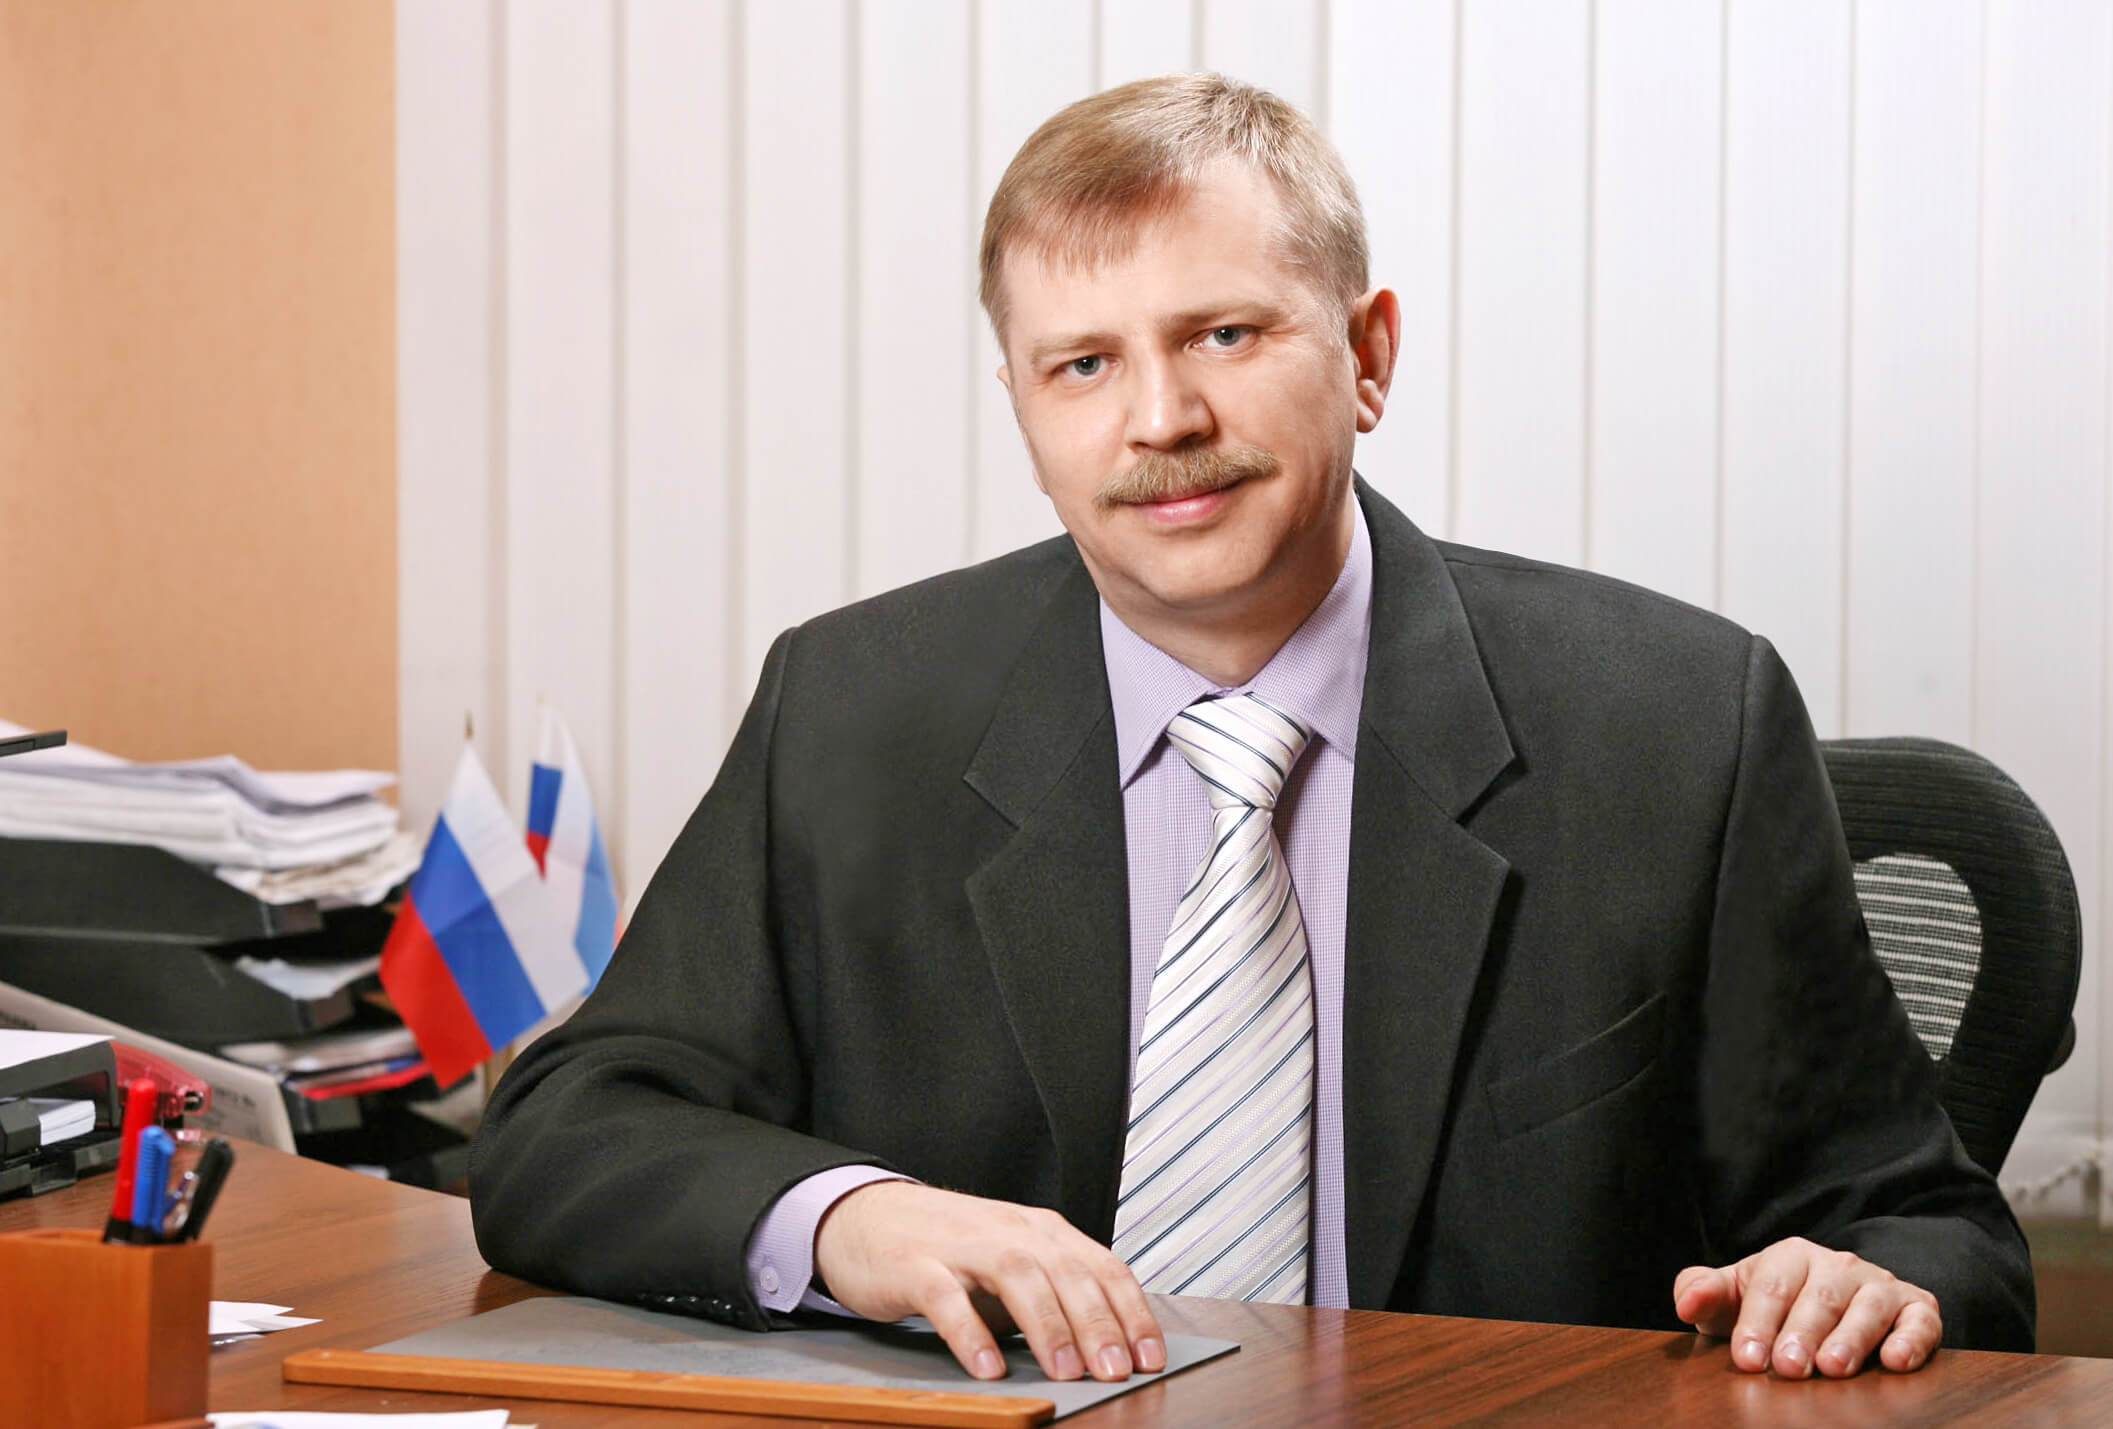 Адвокат Вячеслав Анатольевич Меркулов